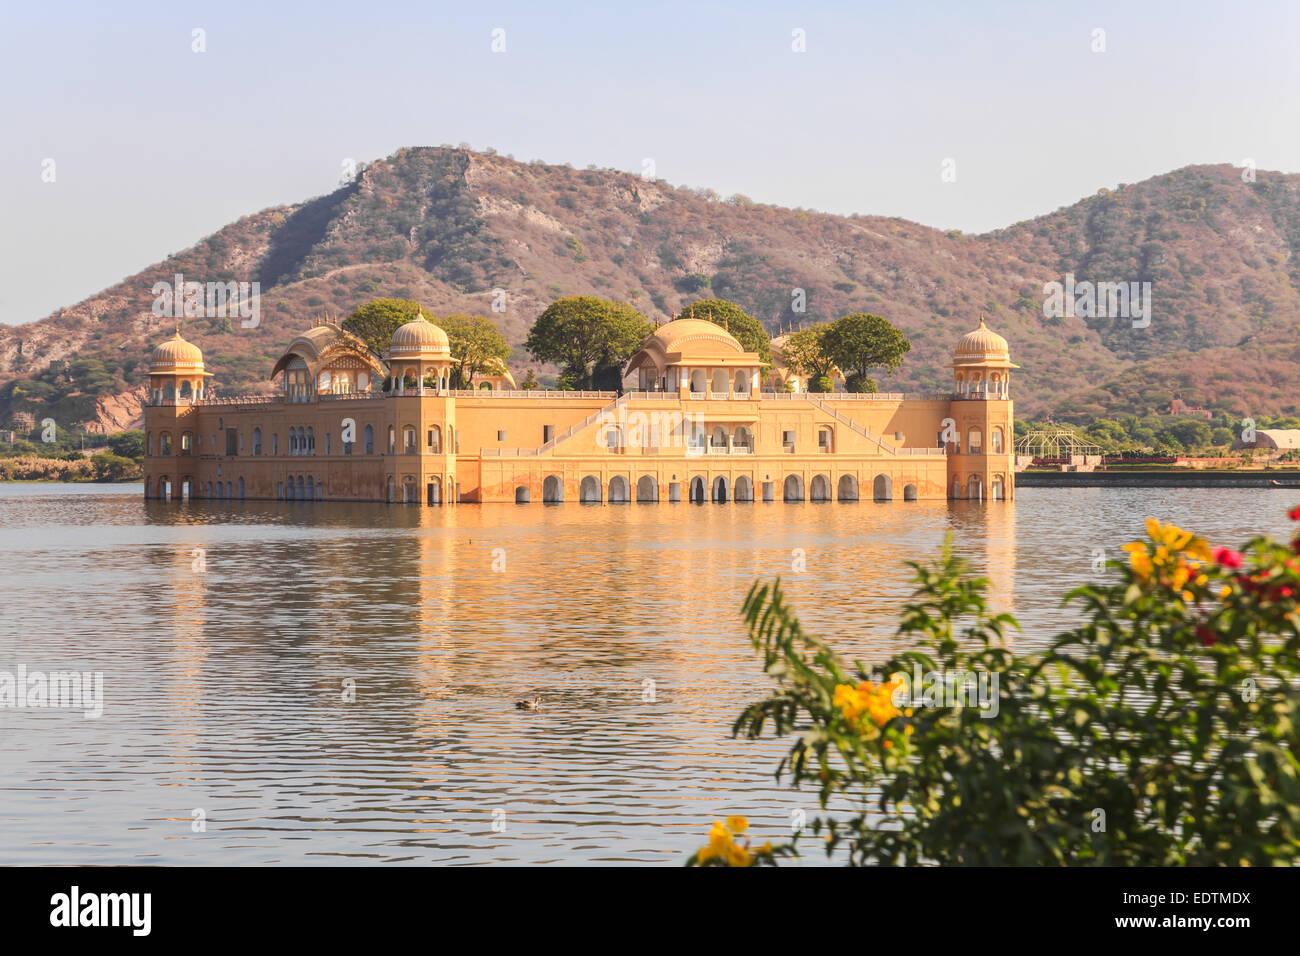 Jal Mahal à Jaipur, le Palais d'eau dans l'homme Sagar Lake, Rajasthan, Inde Photo Stock